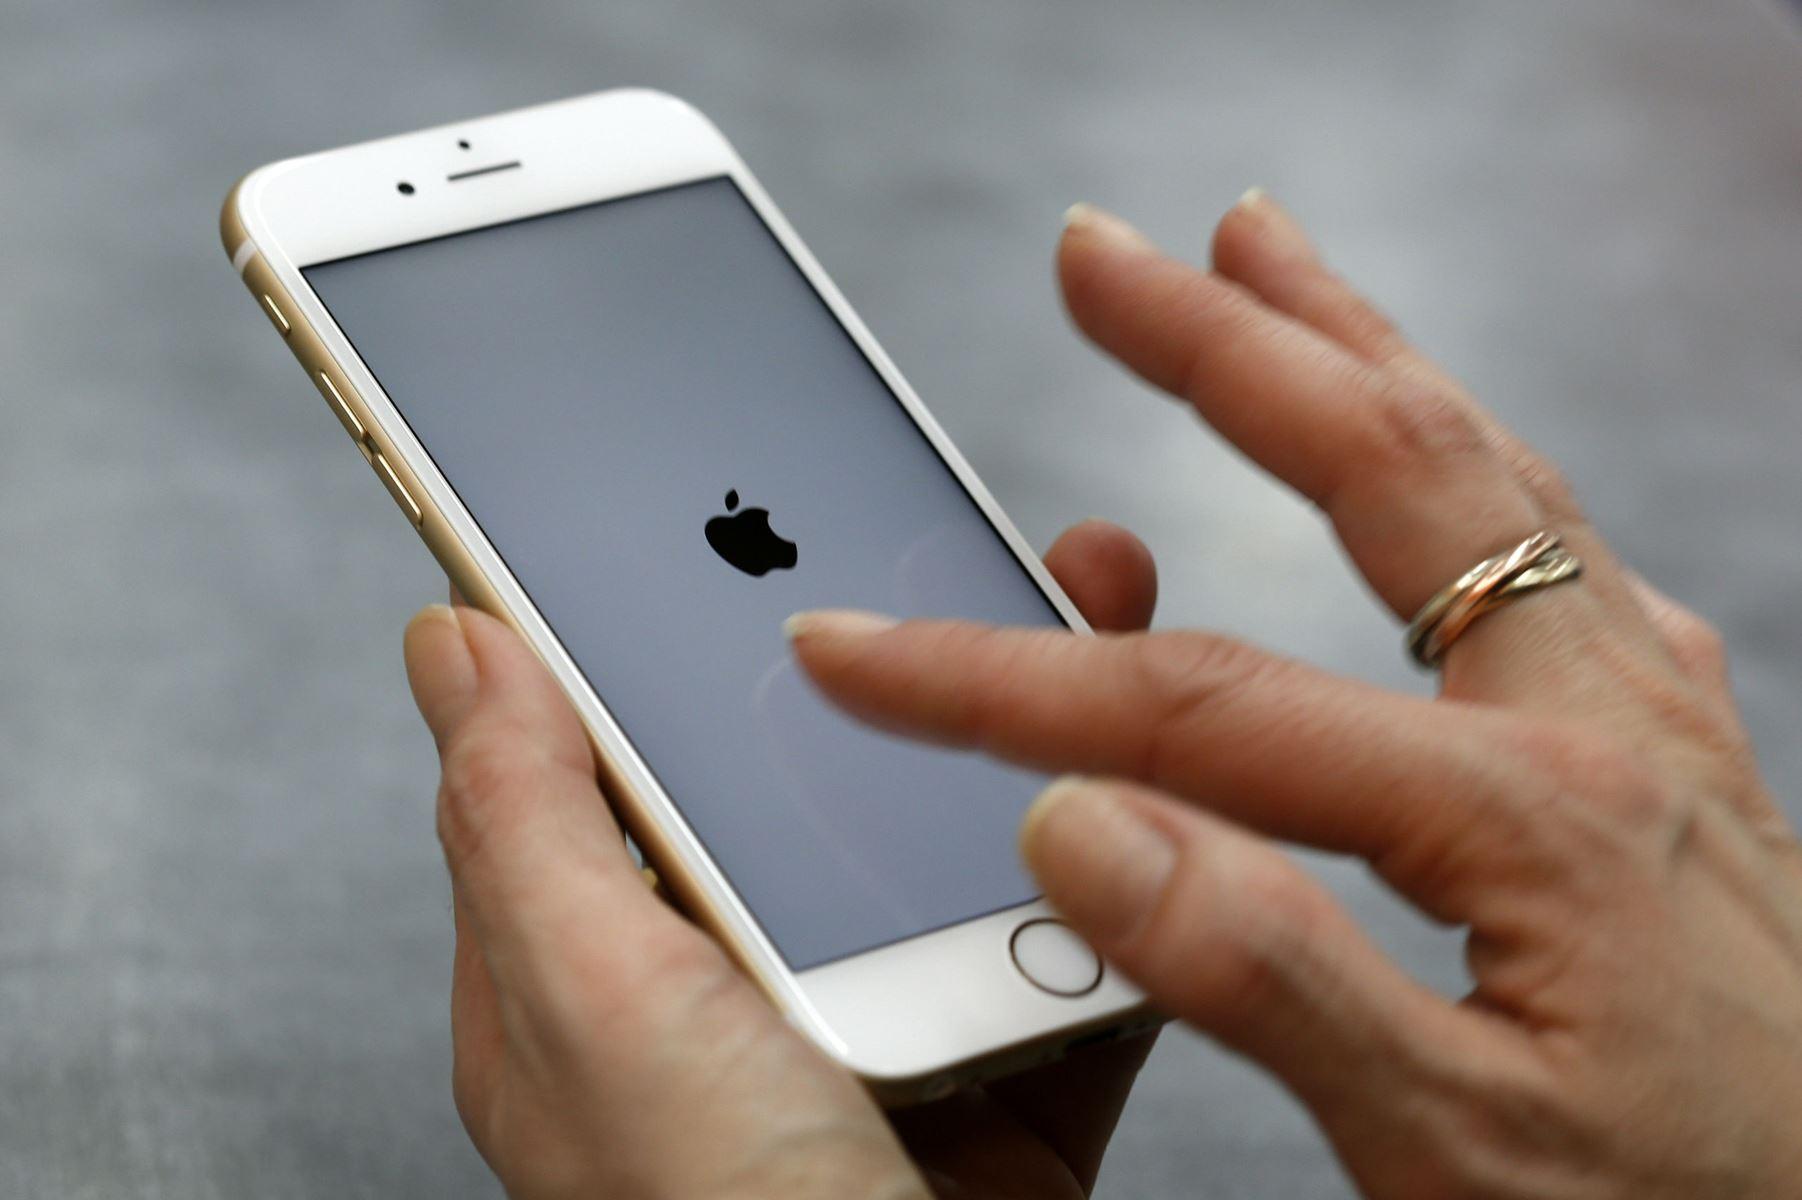 Datatrafikken steg ifølge en analyse i sommerhusområderne i påsken. Vi kobler af med mobilen, mener ekspert.